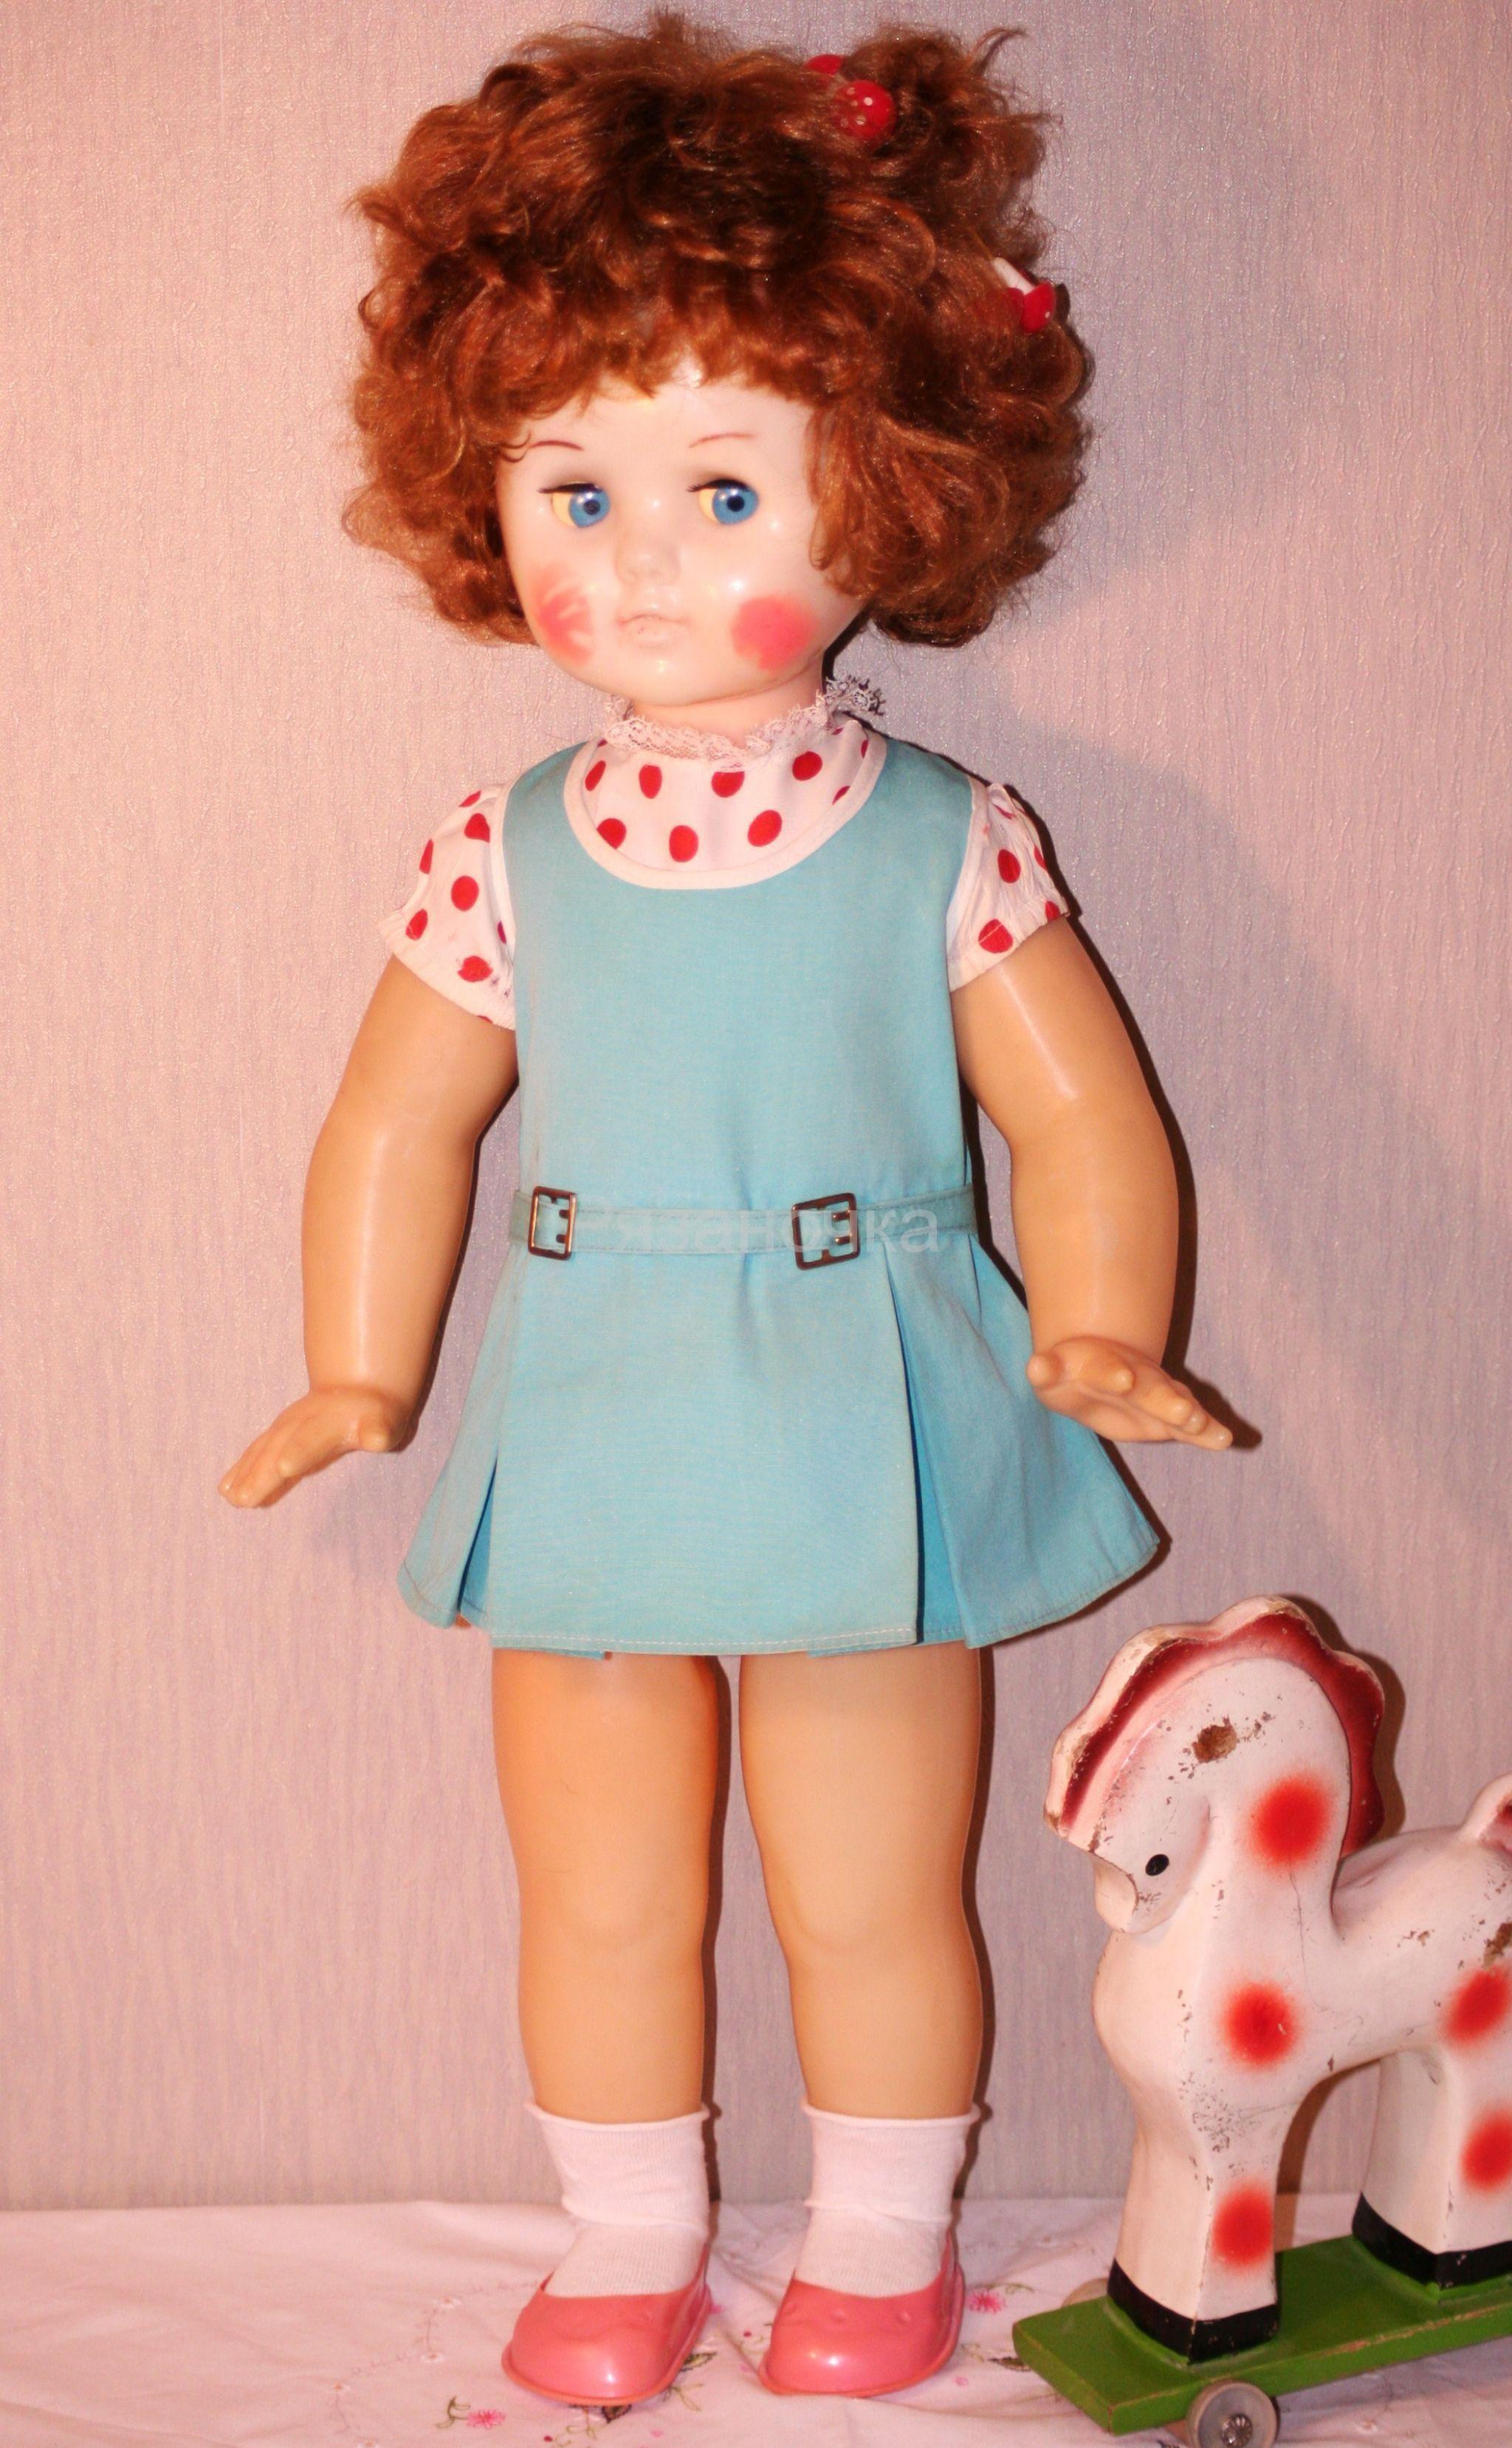 Кукла СССР Марина родная одежда и обувь | Куклы, Одежда ...